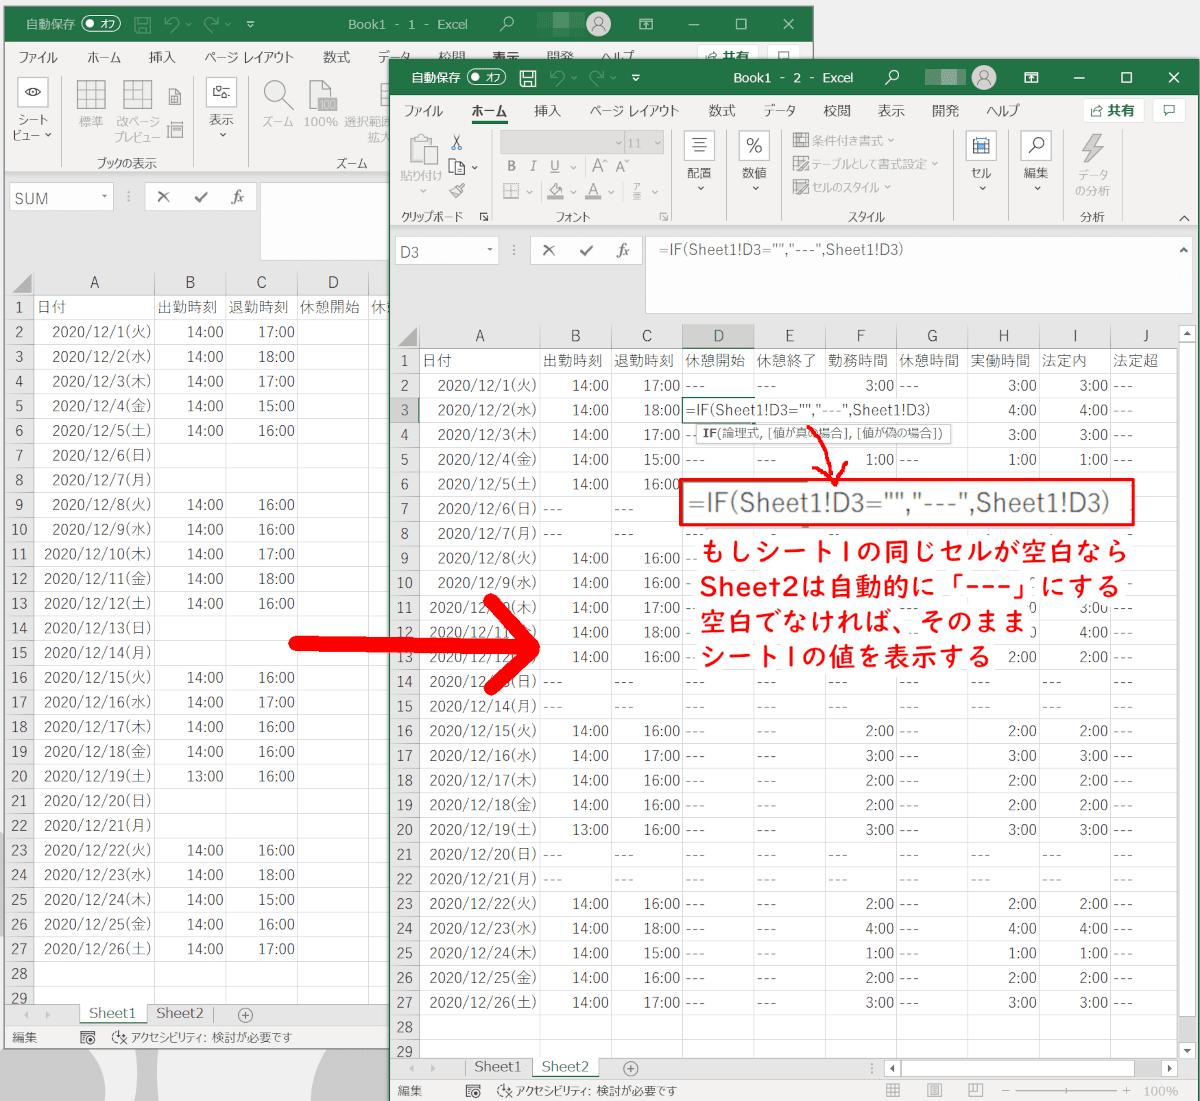 もしシート1の同じセルが空白なら Sheet2は自動的に「---」にする 空白でなければ、そのまま シート1の値を表示する